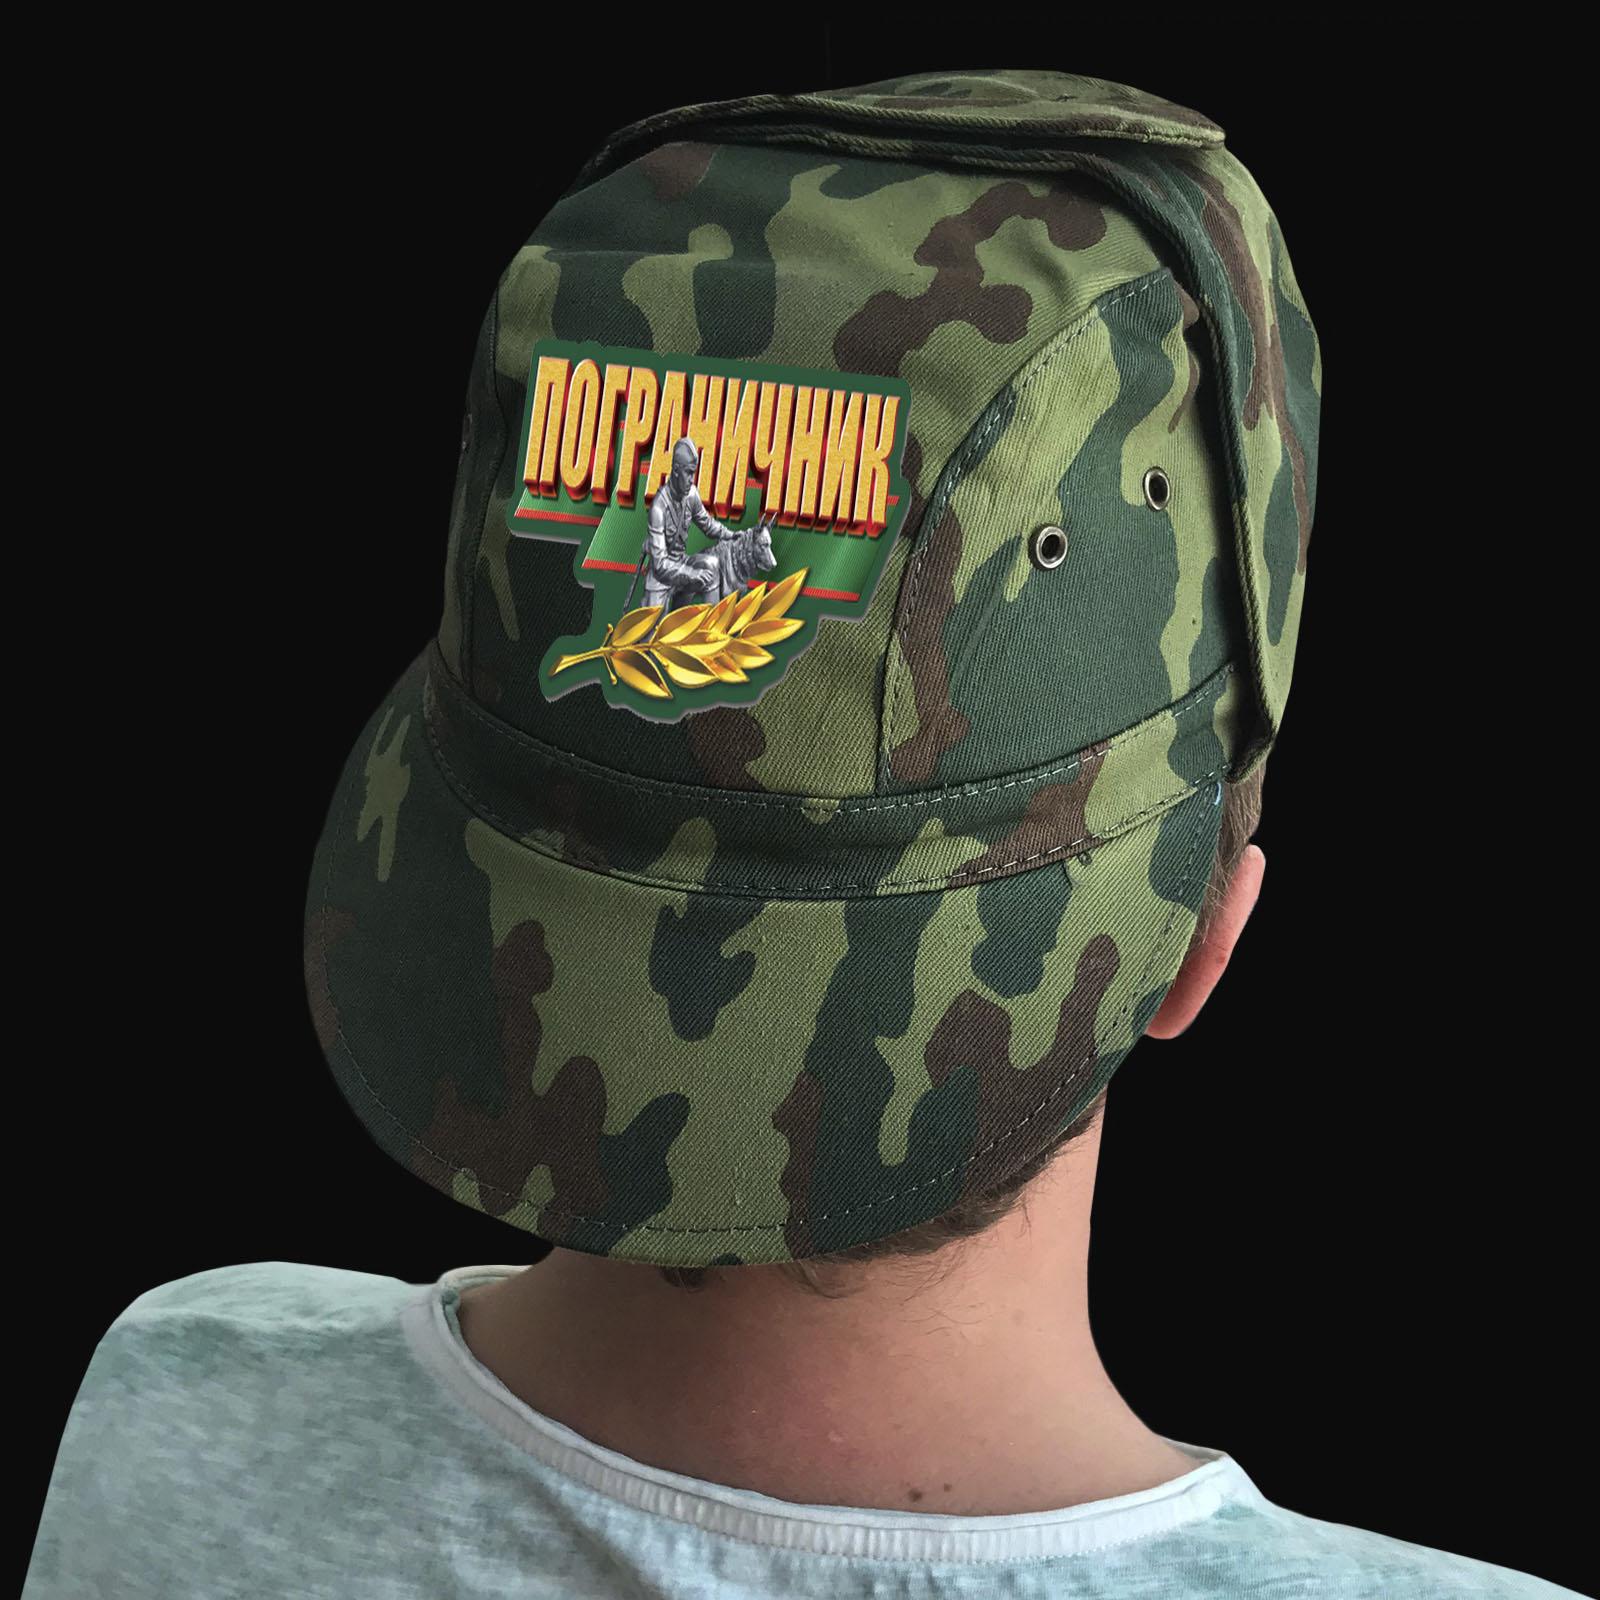 Купить камуфляжную мужскую кепку с термотрансфером Пограничник с доставкой или самовывозом